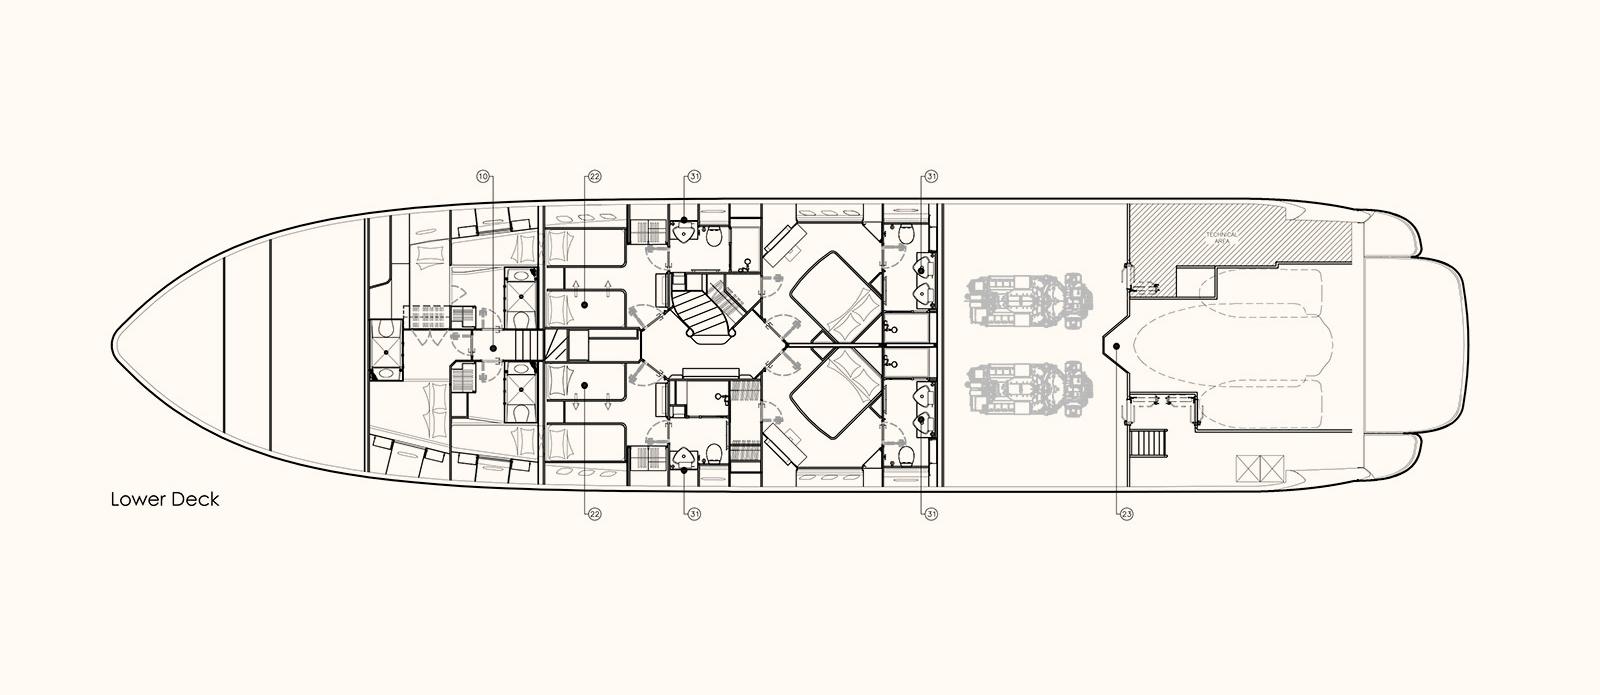 Emoji - Lower Deck Floor Plan